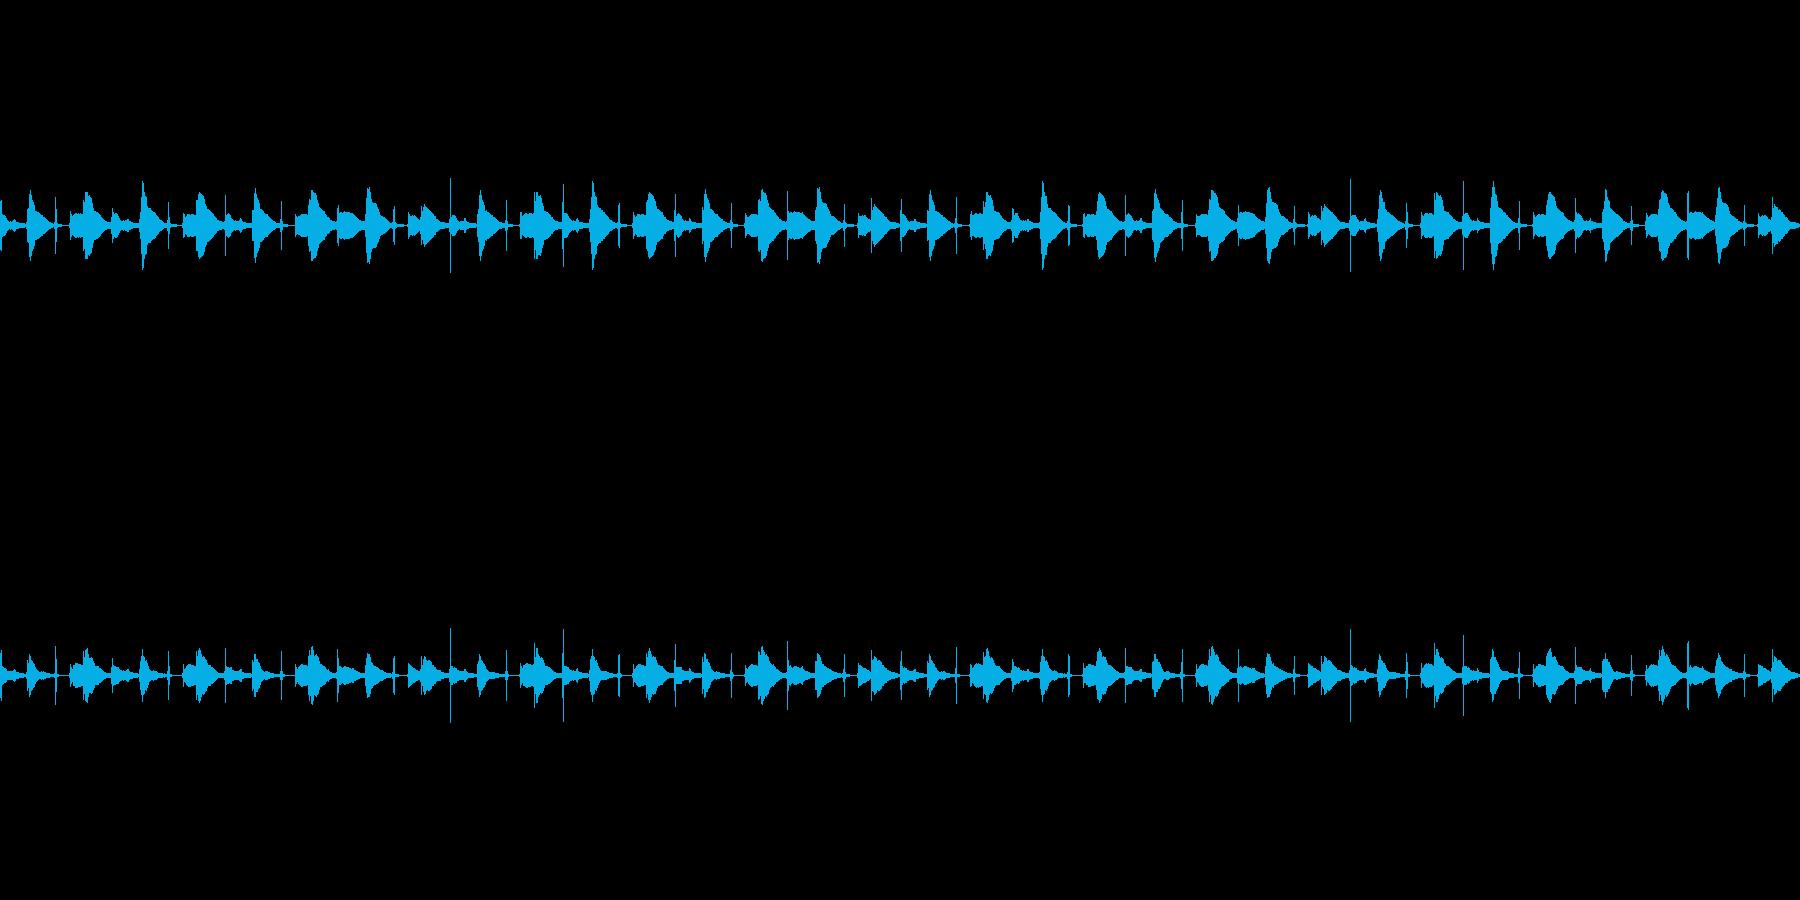 マリンバ、おどけた、日常、ループ、アニメの再生済みの波形